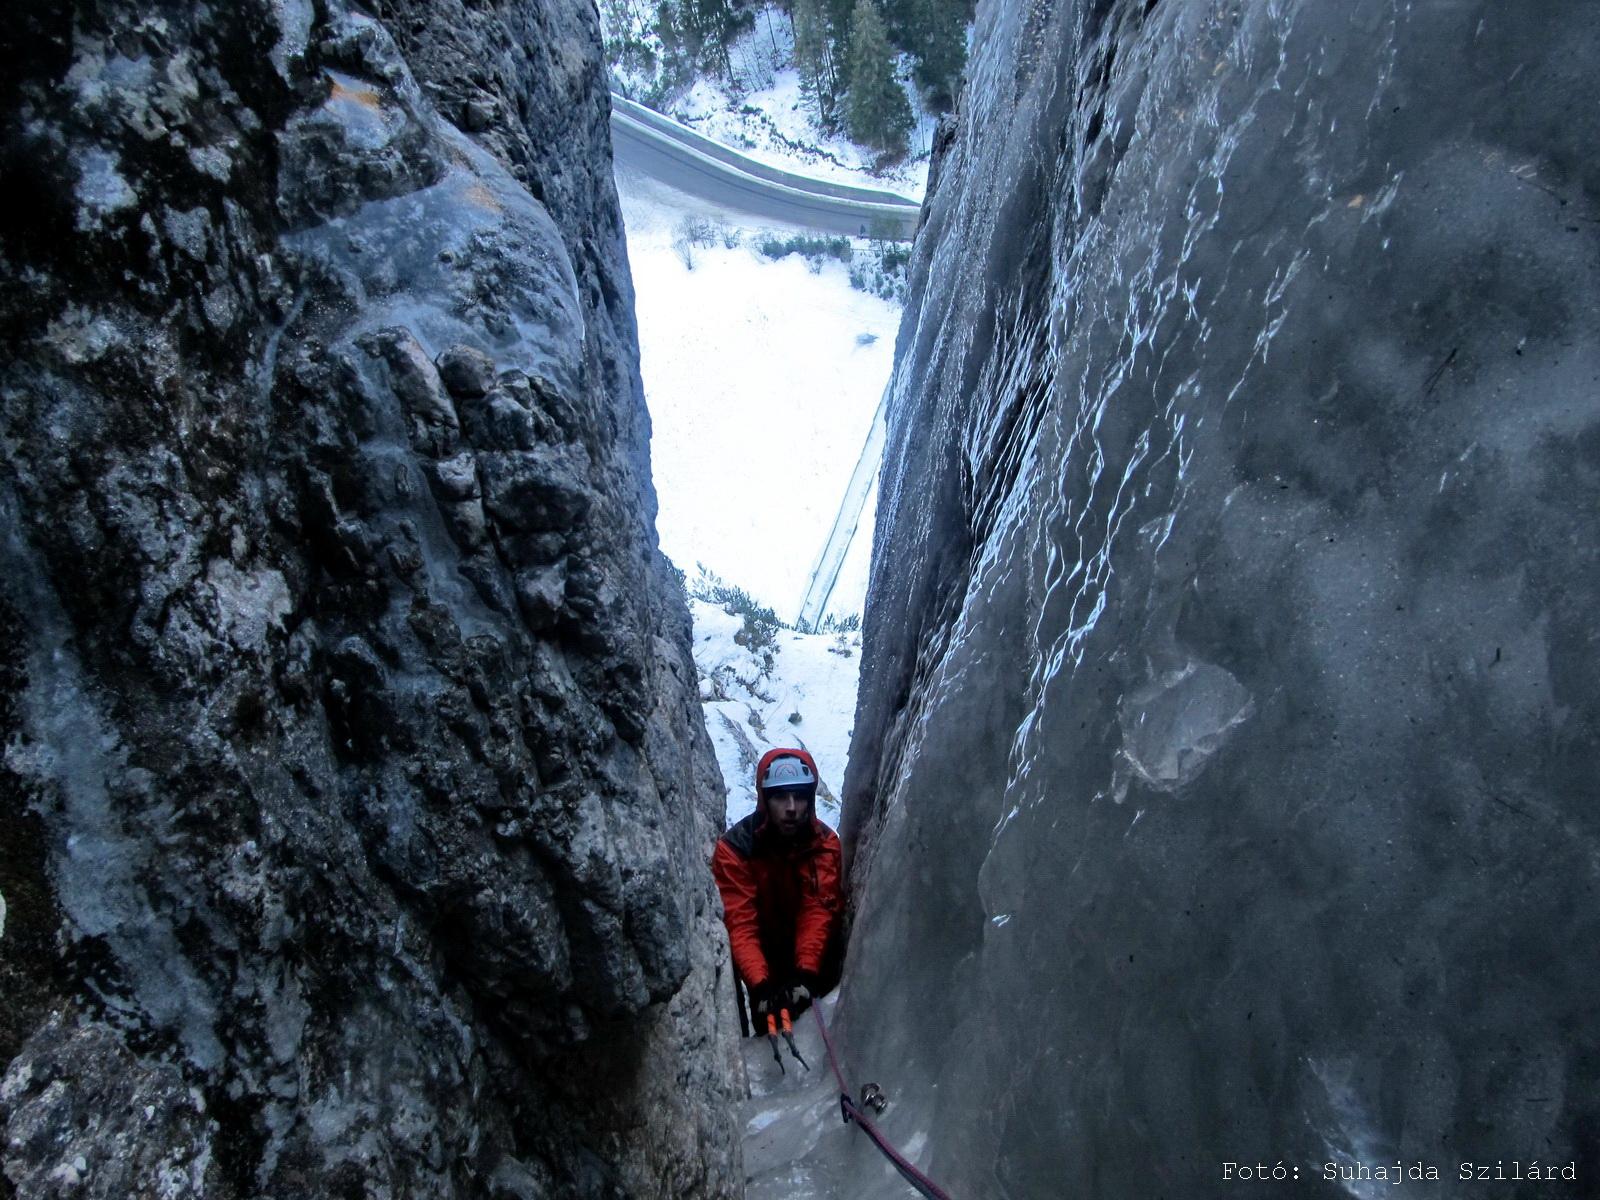 Betyár-rés (Anonima Trentini 5 M6) első magyar átmászás, Dolomitok Forrás: Suhajda Szilárd